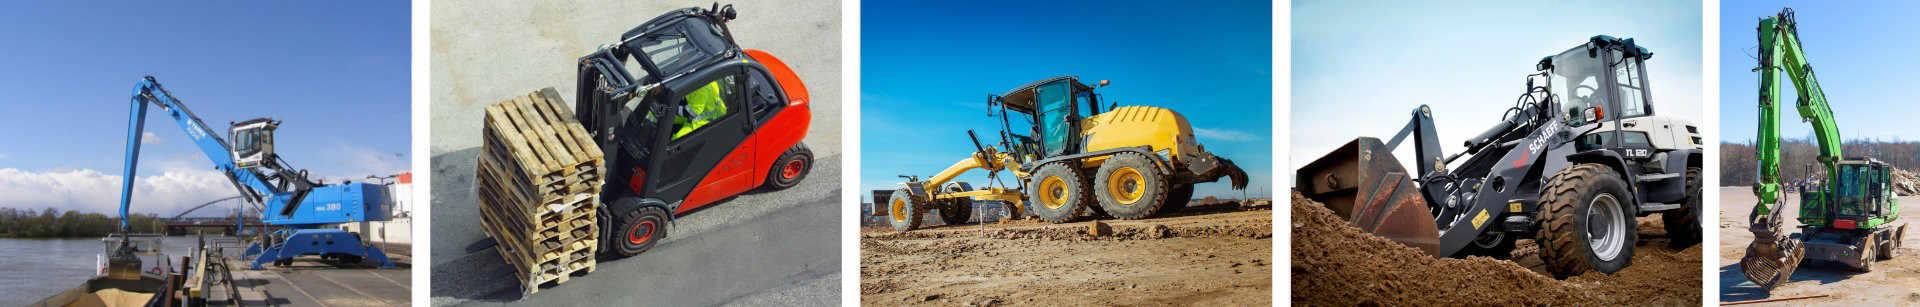 Landmaschinen, Baumaschinene, Hydraulik - Reparatur und Ersatztzeile.